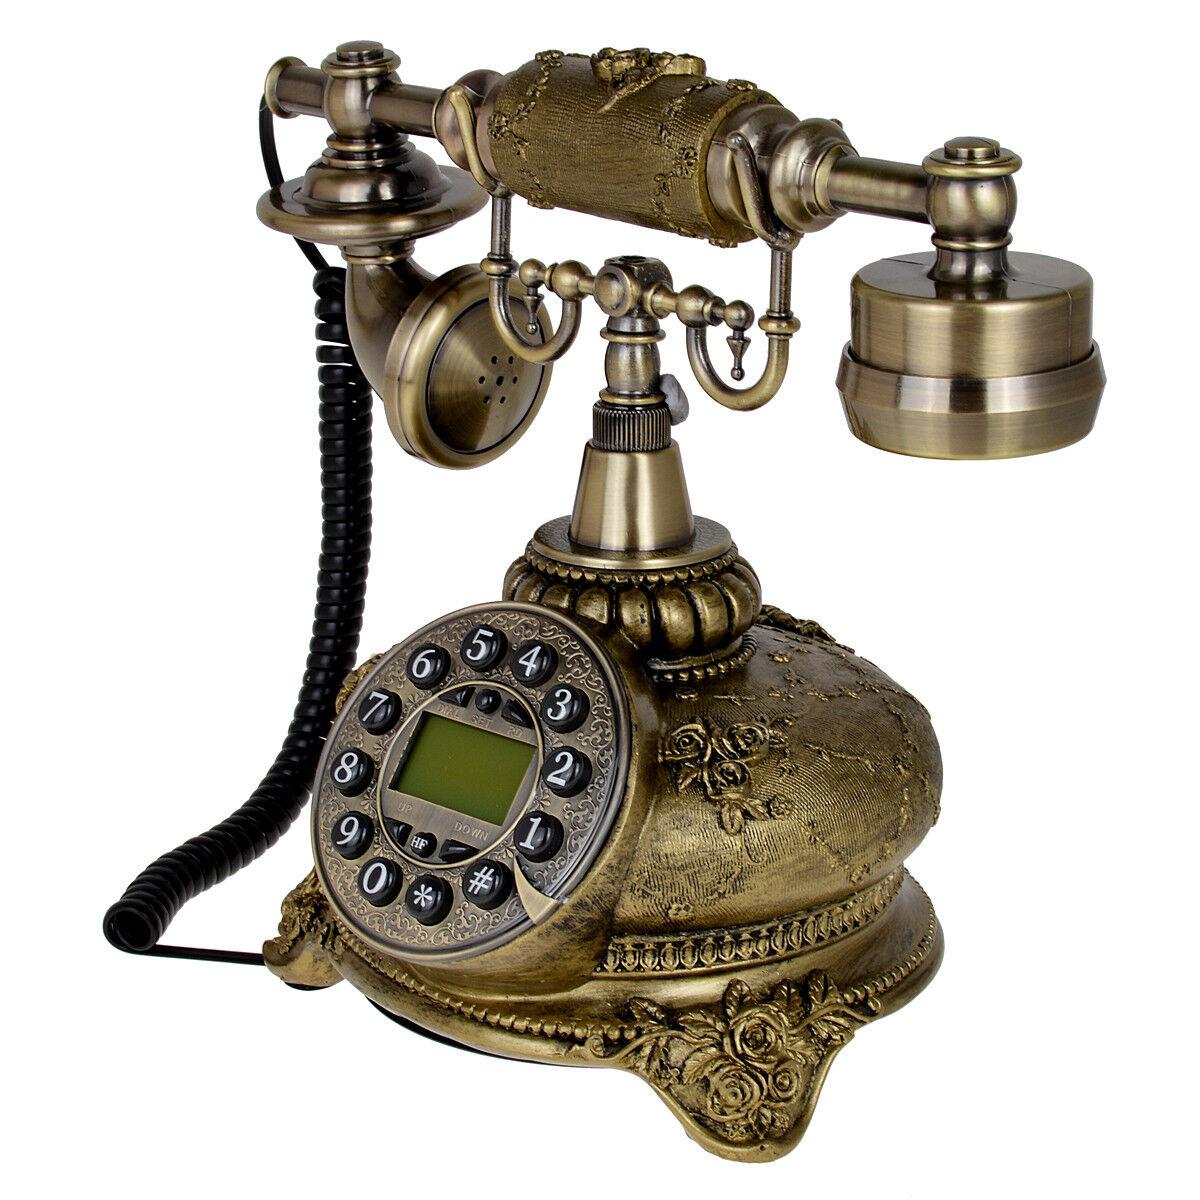 108b Bronze Retro Vintage Ceramic Antique Telephone Push On Dial Desk Phone